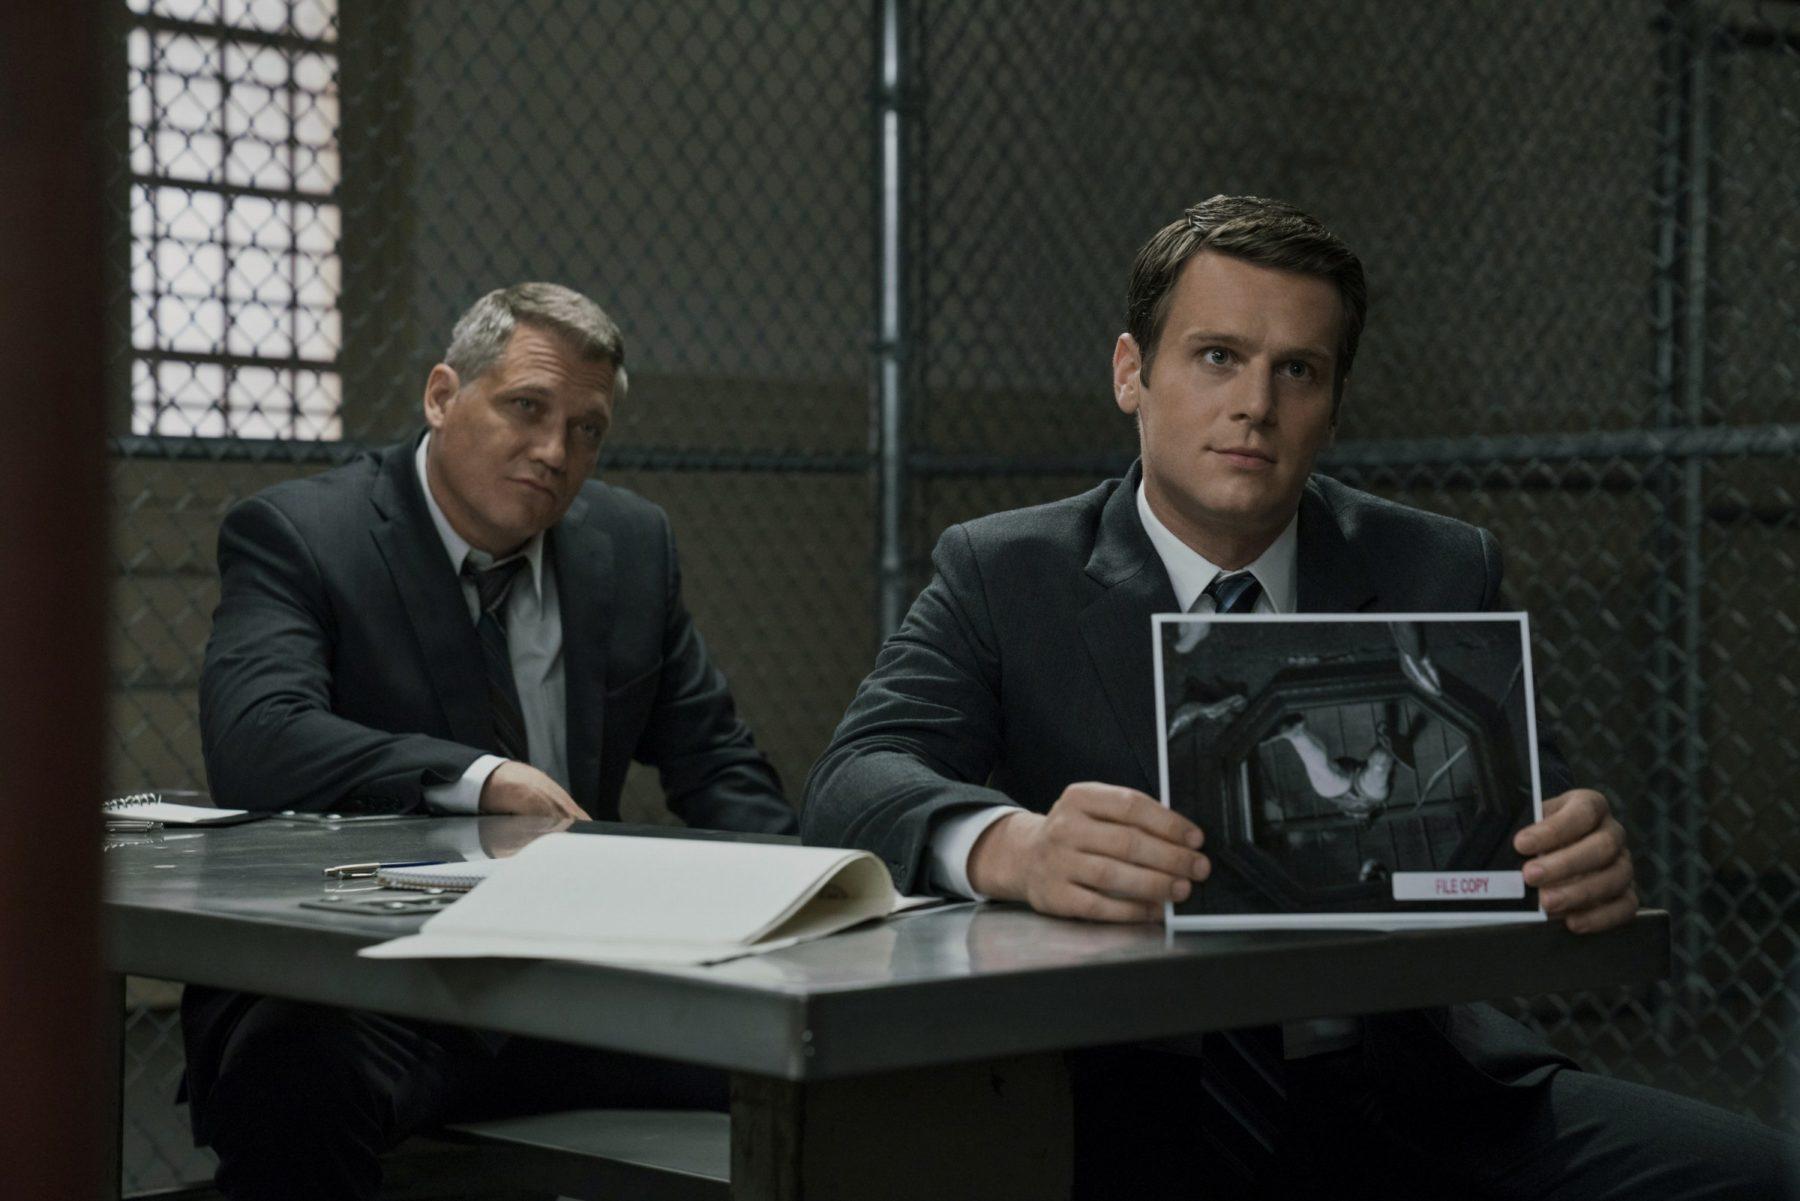 David Fincher regresará como director de Mindhunter temporada 2, con Andrew Dominik a cuestas